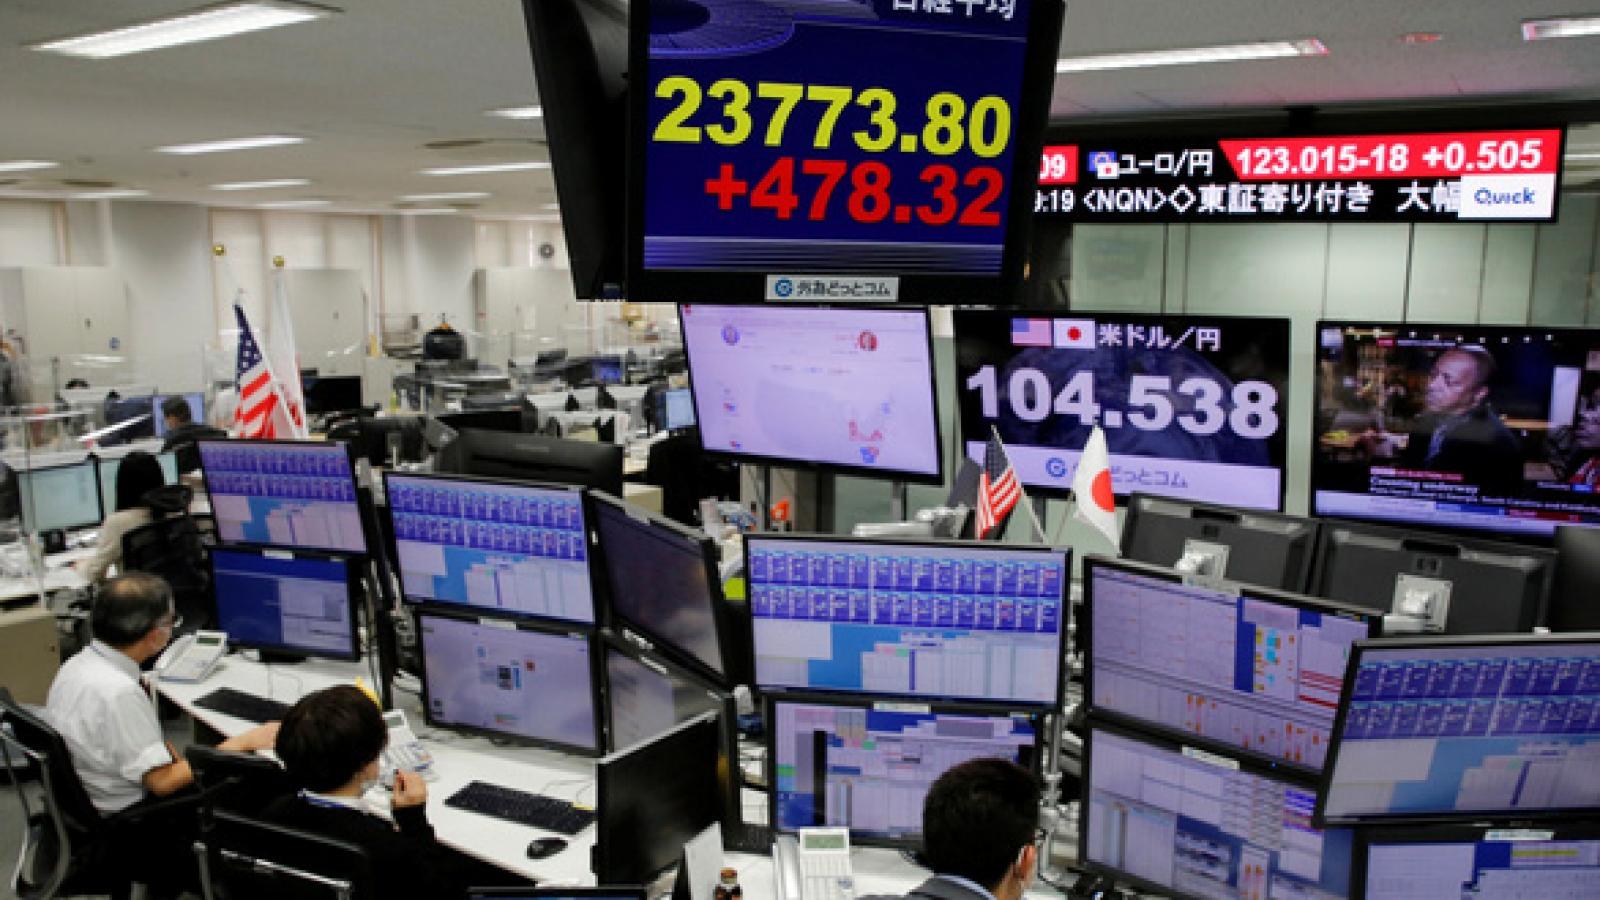 Thị trường chứng khoán nín thở chờ kết quả bầu cử Tổng thống Mỹ